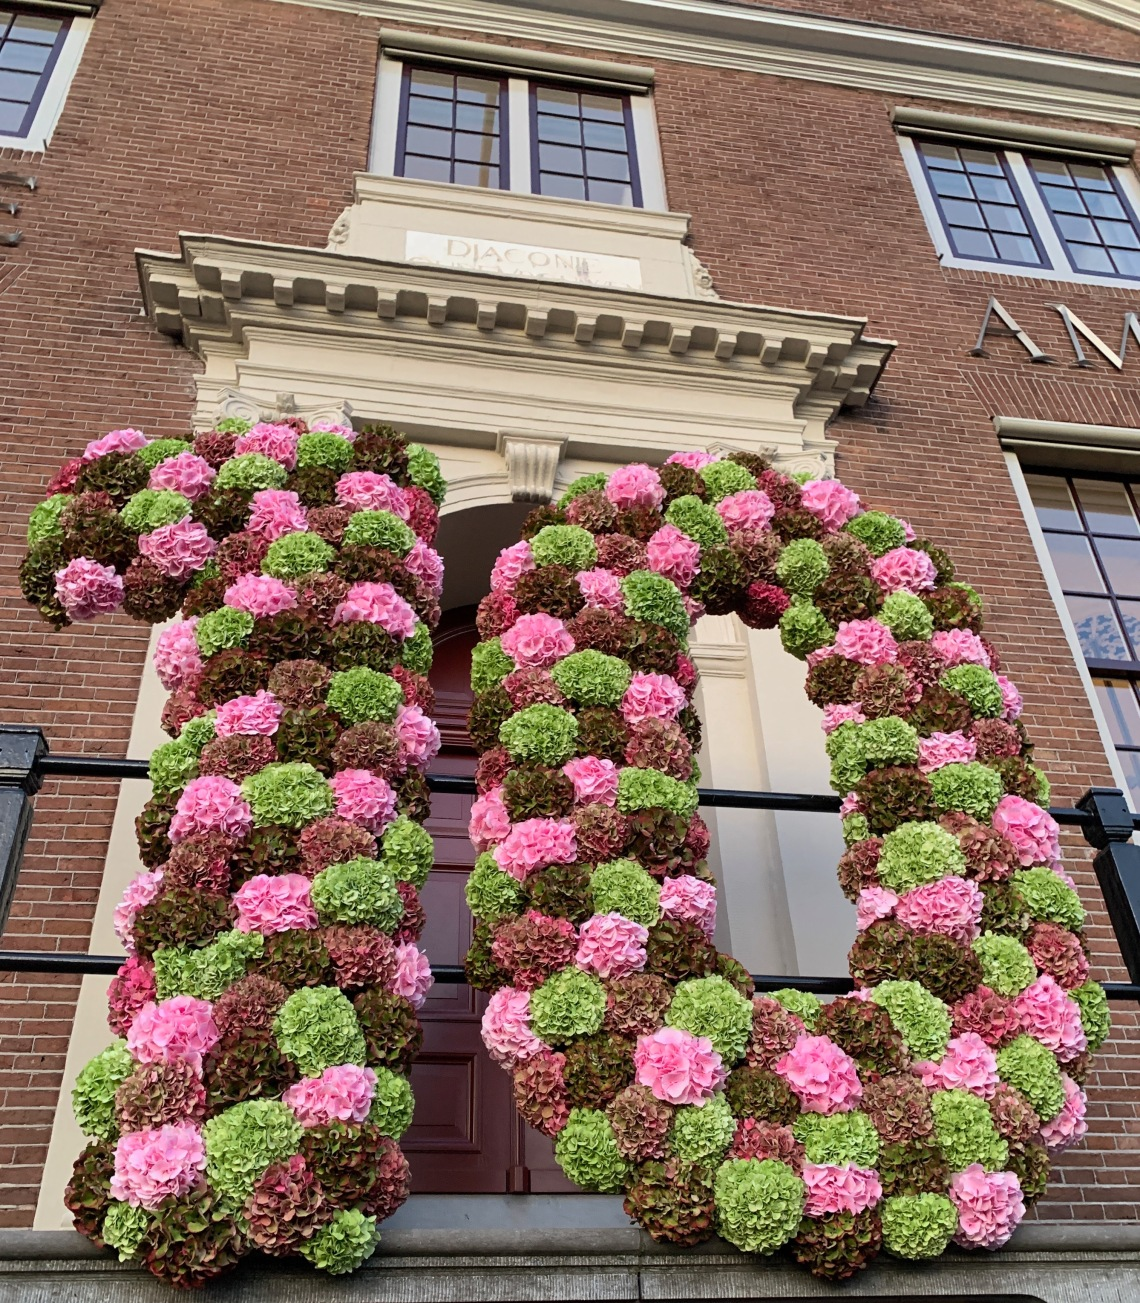 10 Jaar Hermitage Amsterdam, 2019. Foto met dank aan SAF, Astrid Berens©